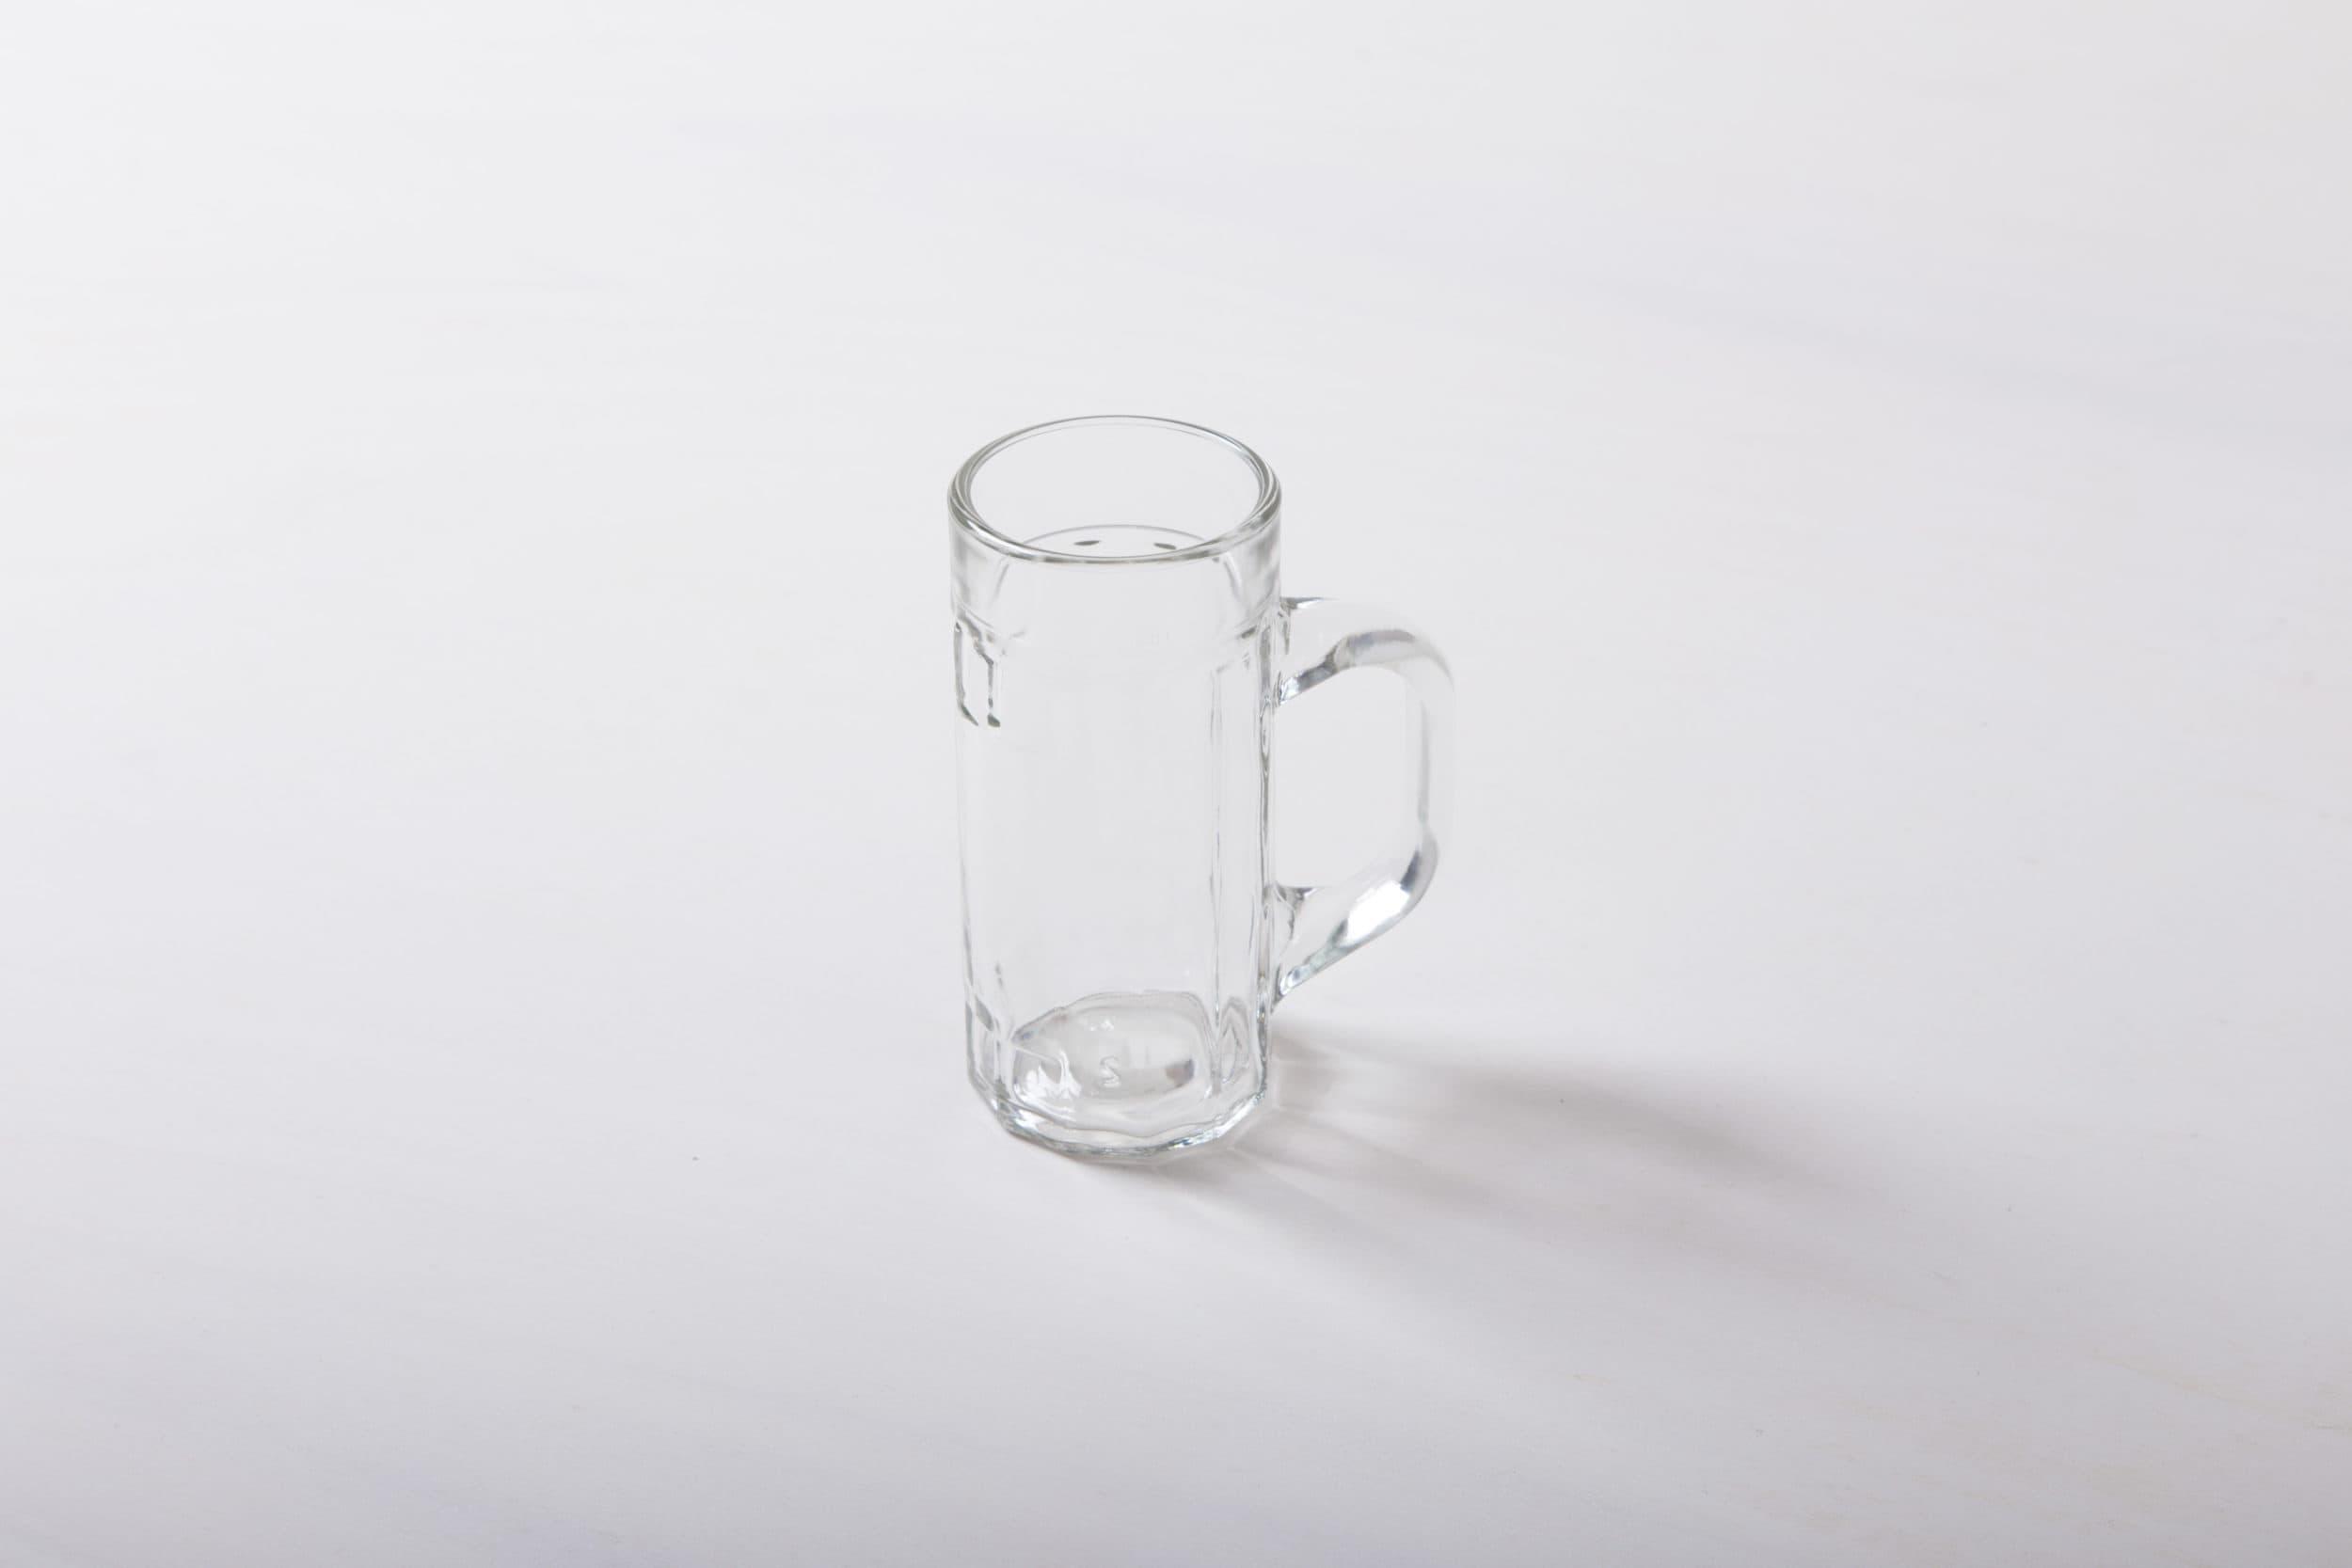 Gläser, Glasartikel mieten, Biergläser leihen